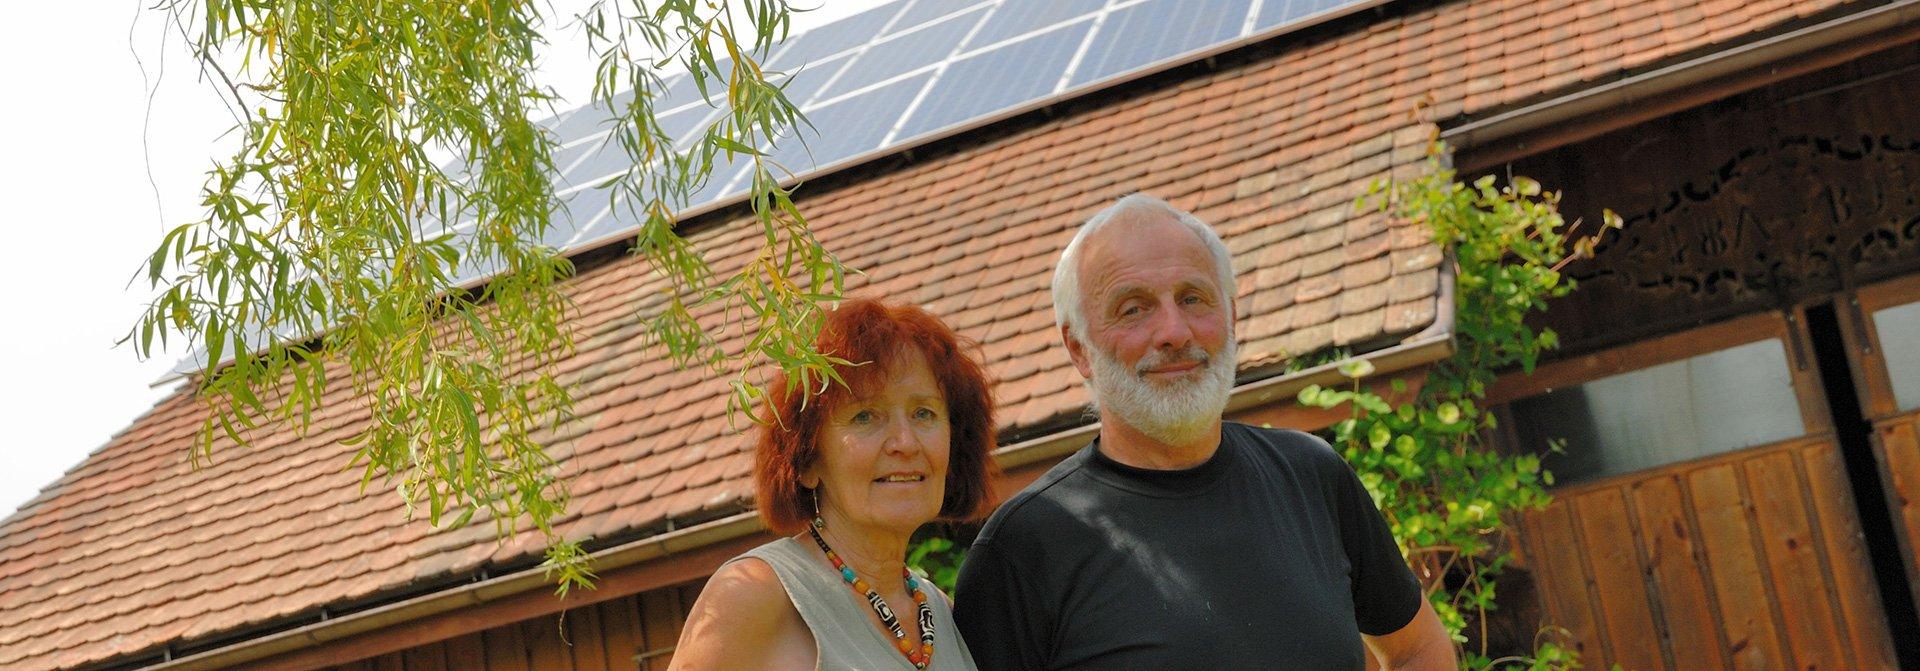 Ehepaar steht vor Scheune mit PV-Anlage